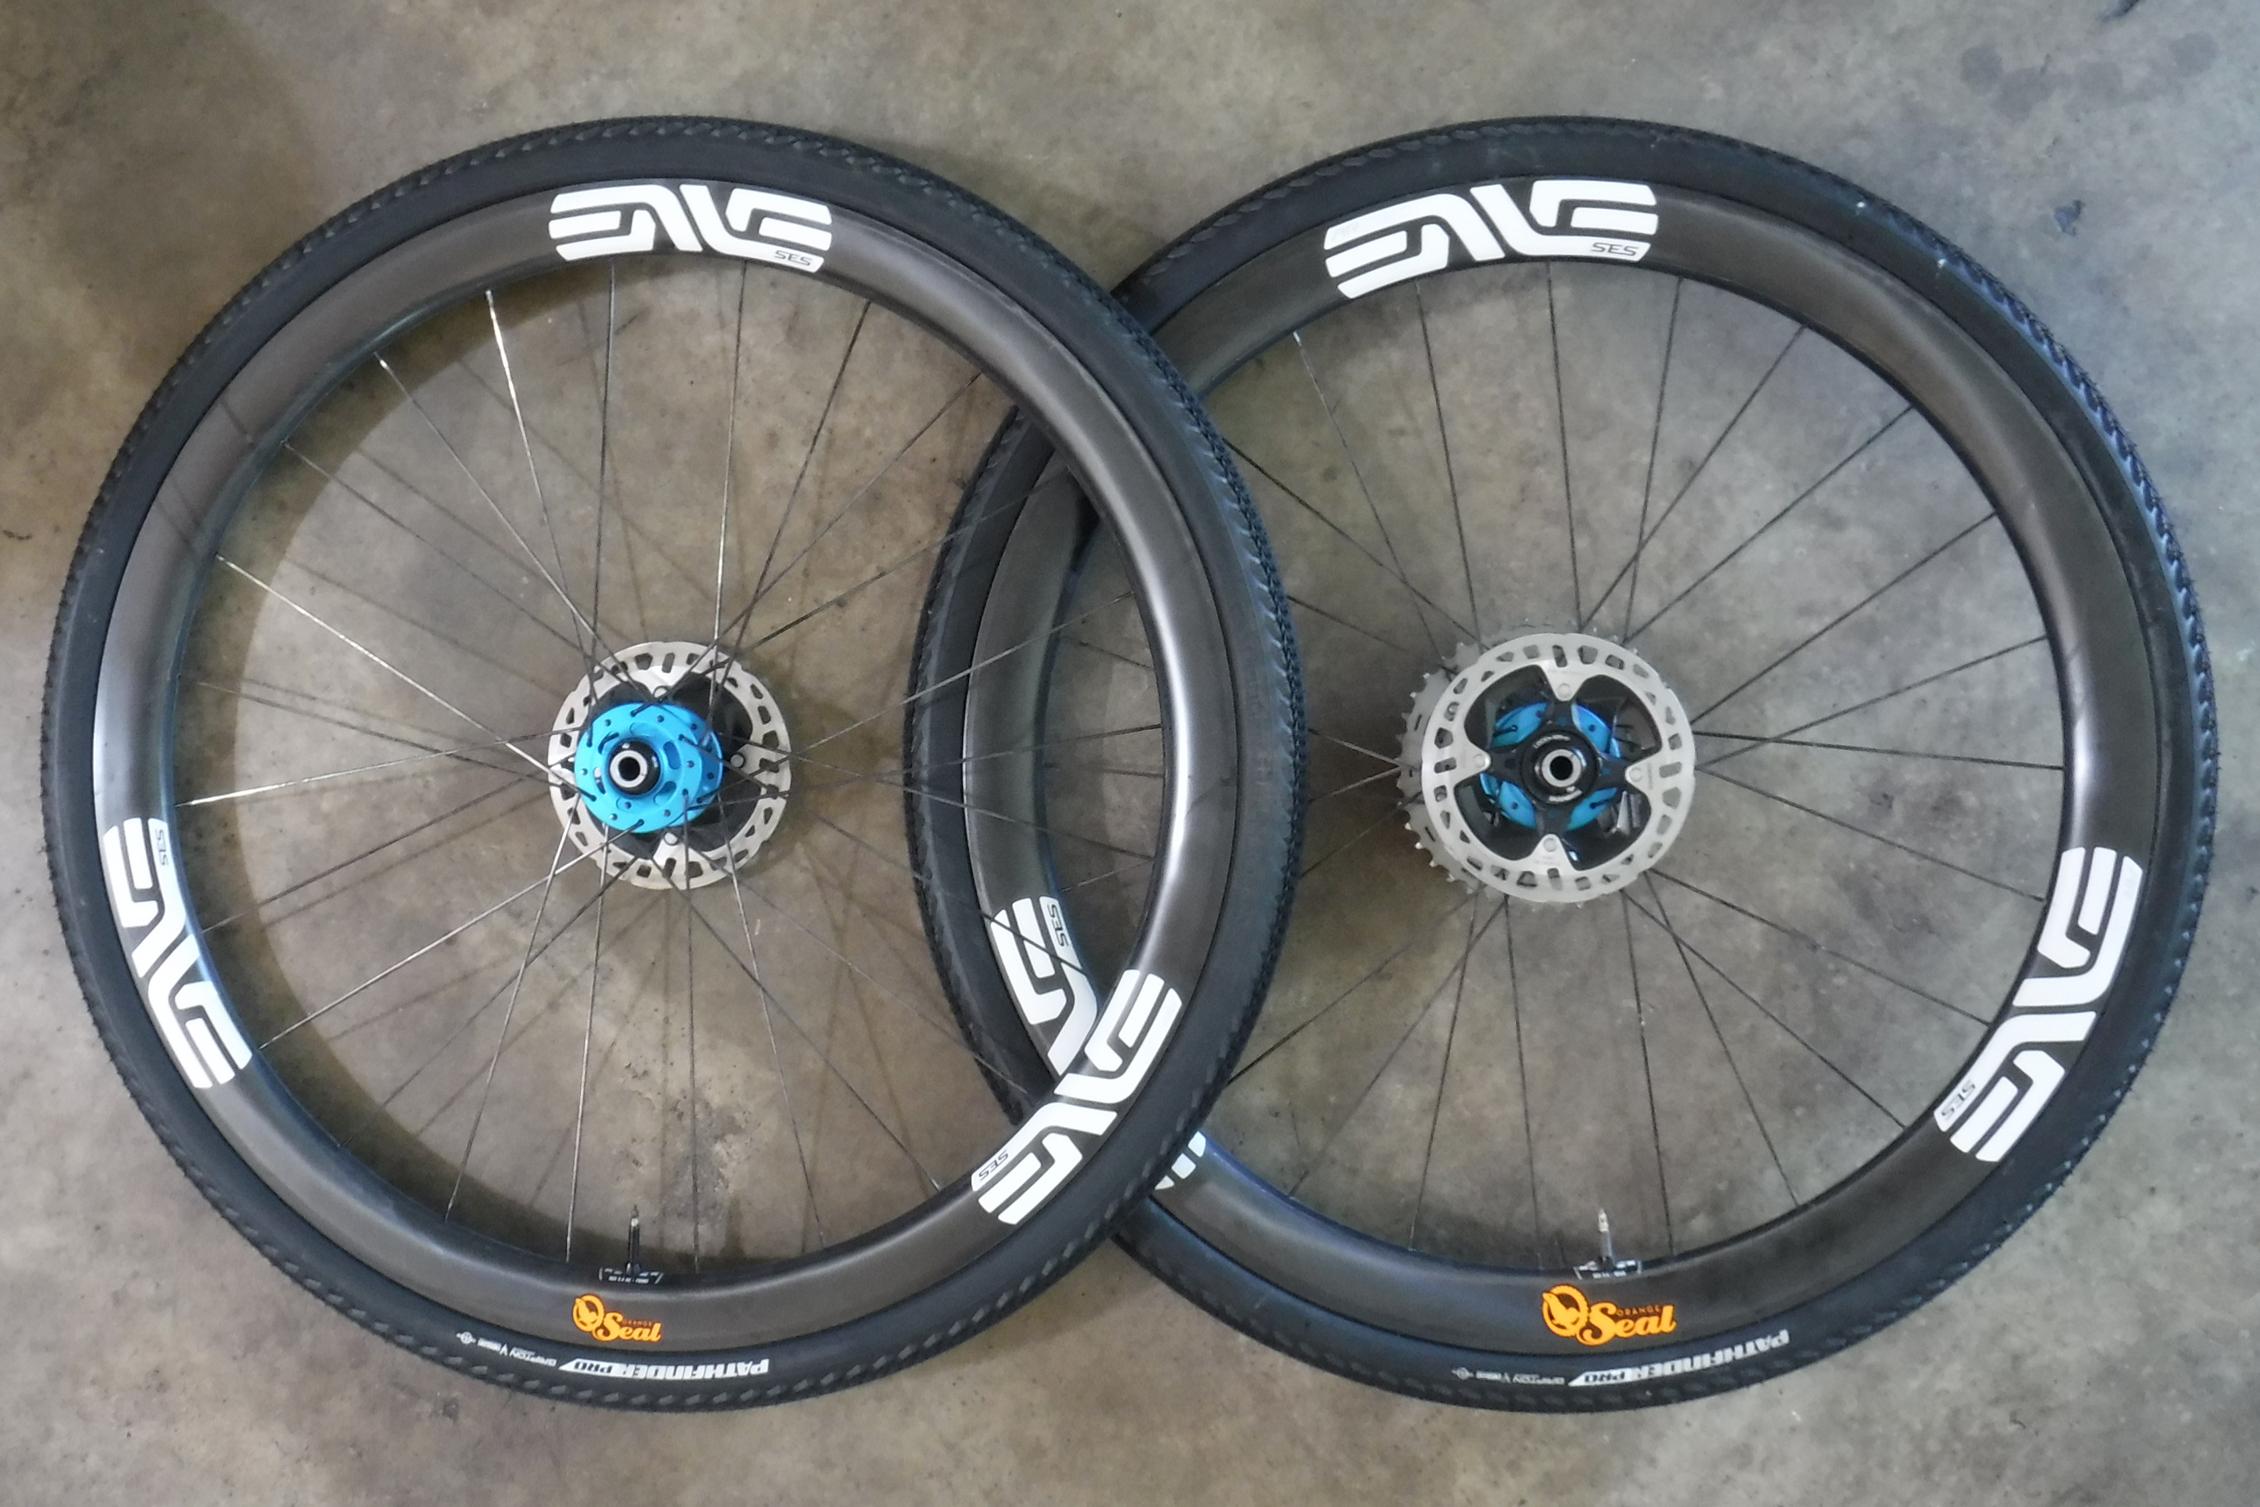 ENVE Composites 3.4AR wheels